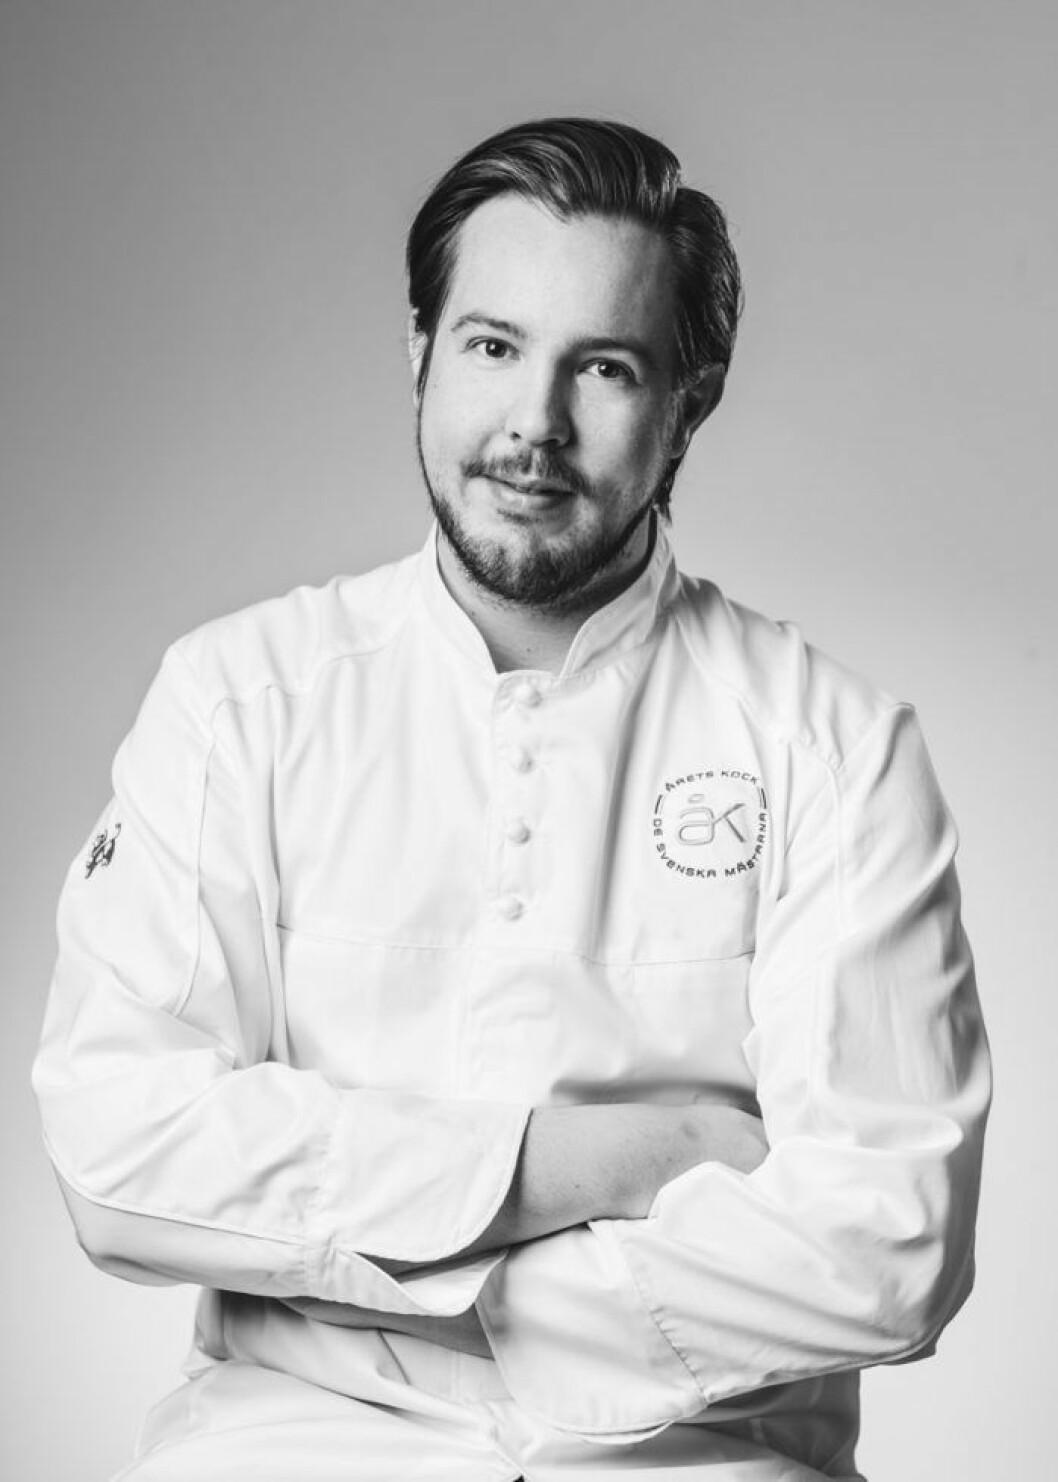 Jimmie Eriksson som blev Årets kock 2016 lagar mat under Love November på Strandvägen 1.